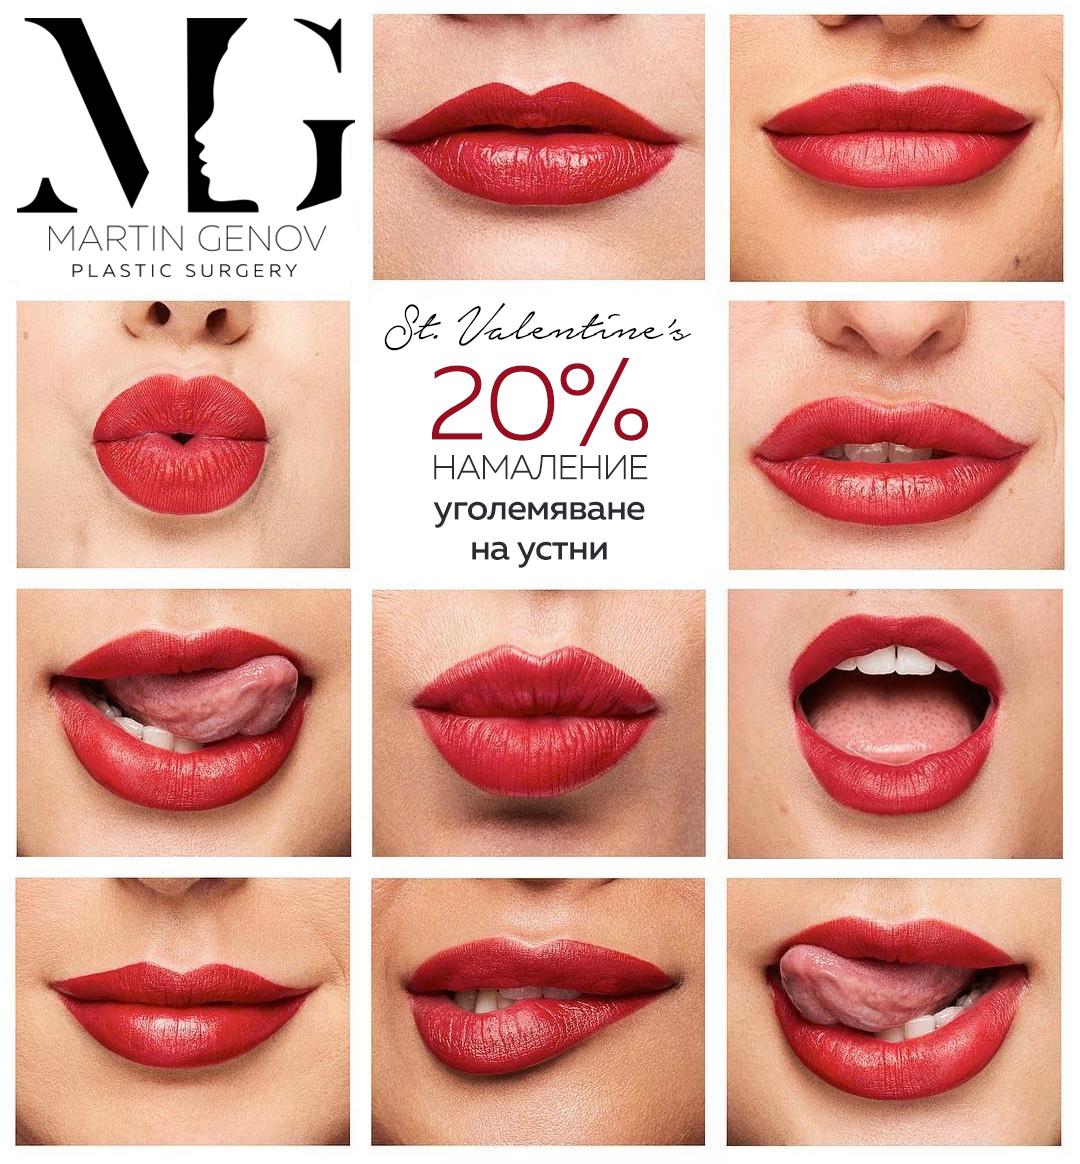 уголемяване на устни промоция